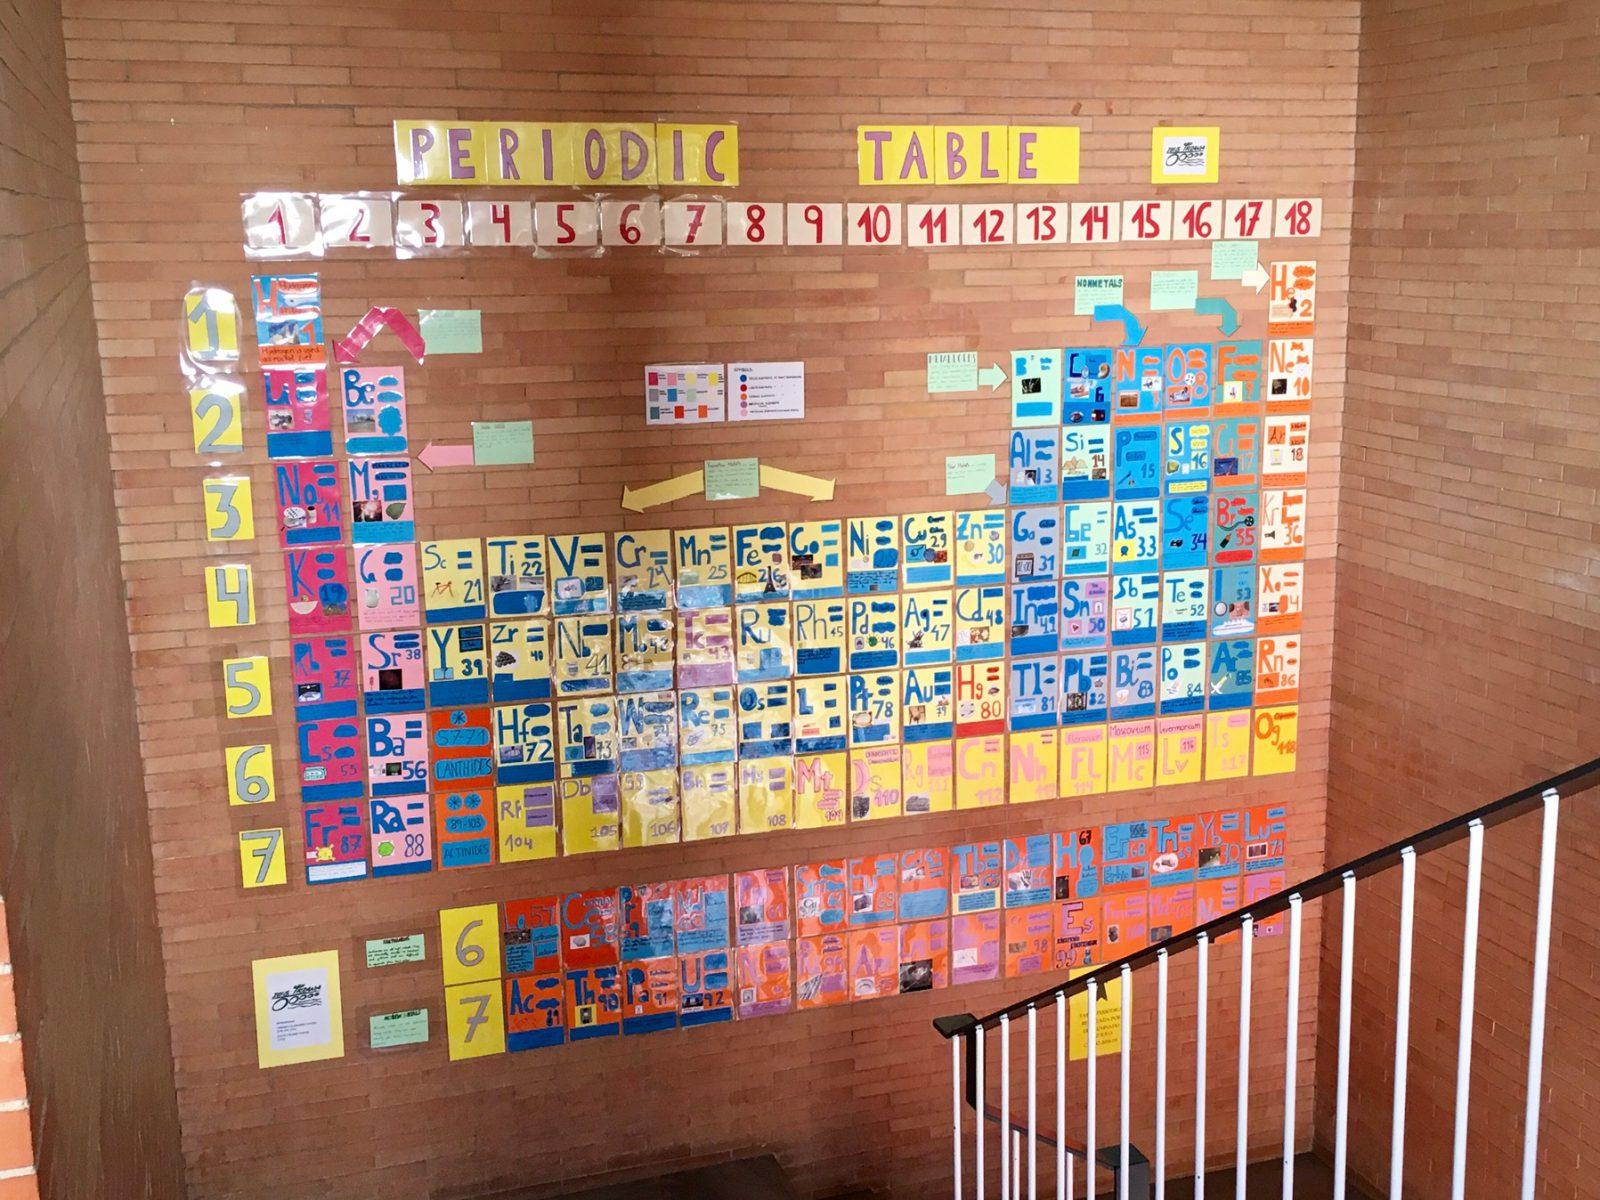 Celebración del150 Aniversario de la Tabla Periódica con 2ºESO (picha aquí para ver vídeo)